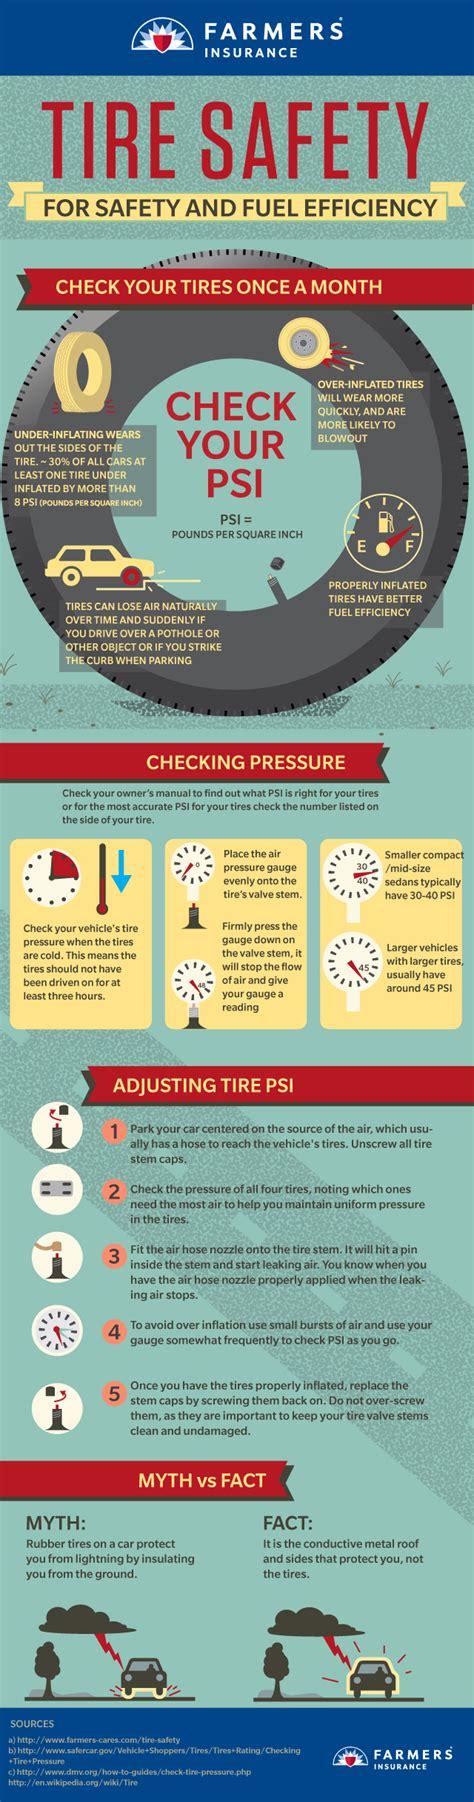 check tire pressure farmers insurance